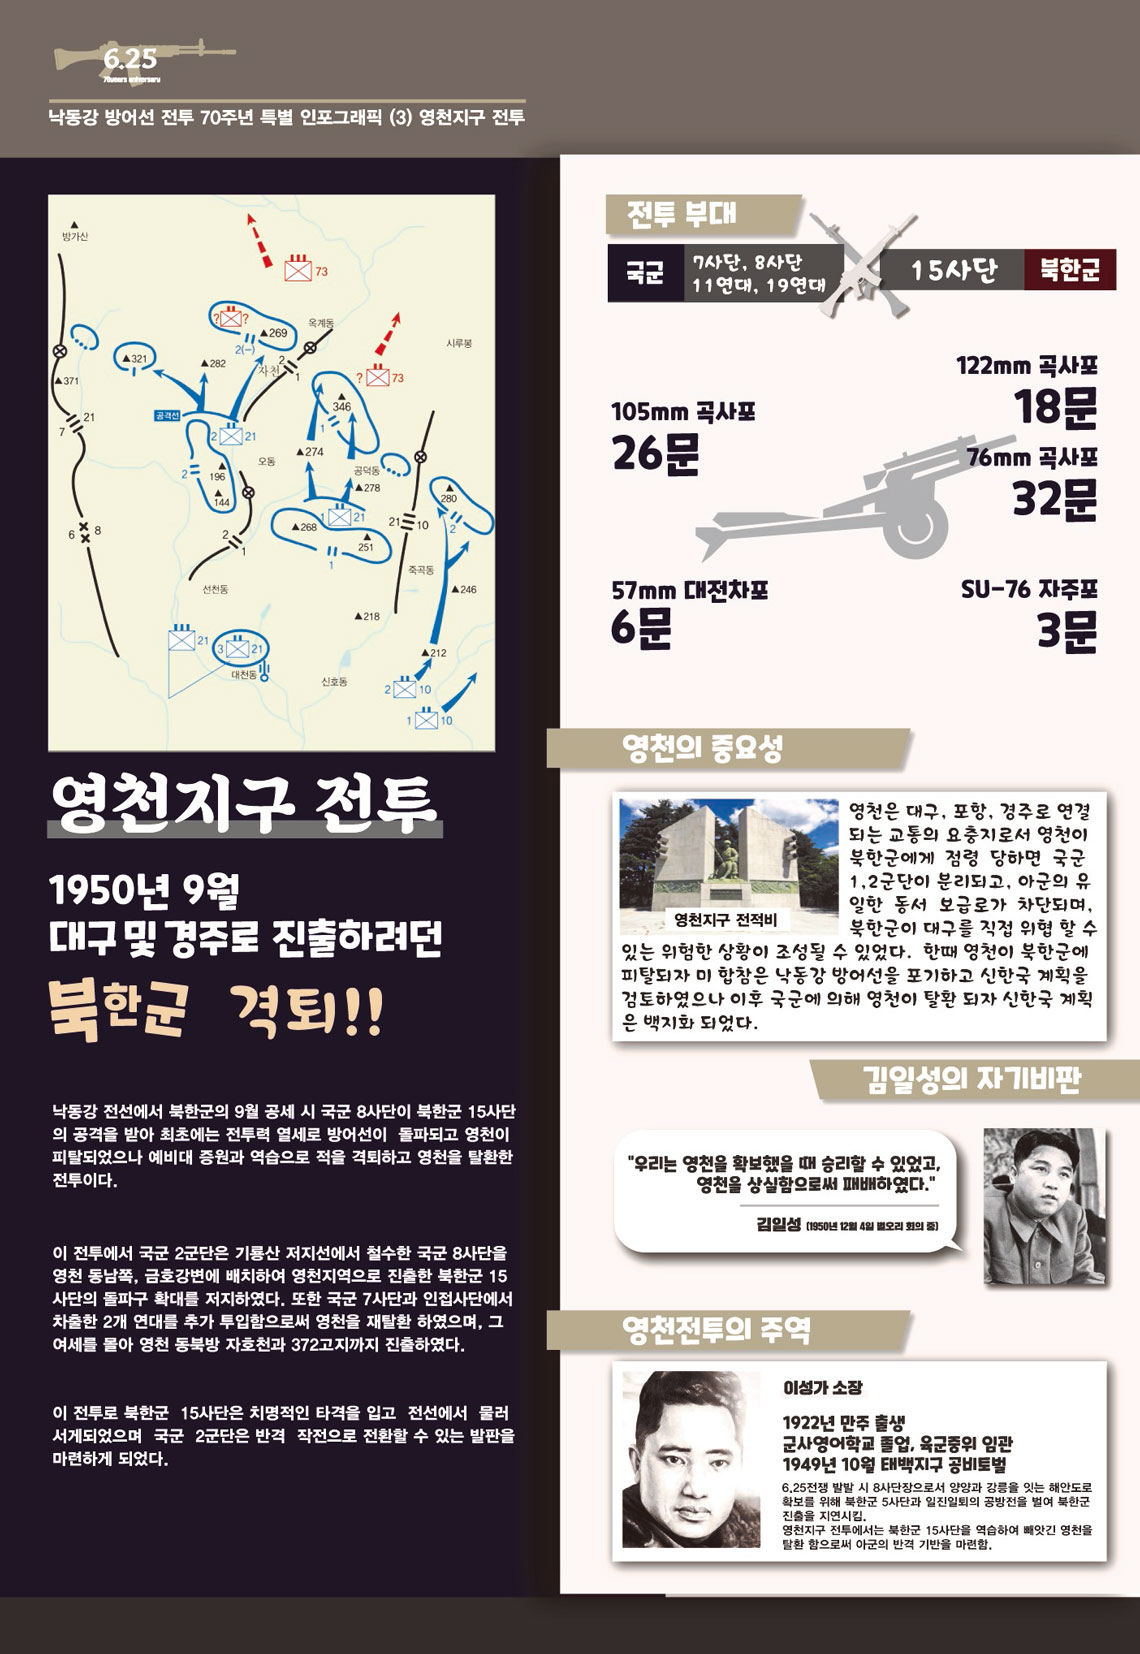 영천지구전투 인포그래픽